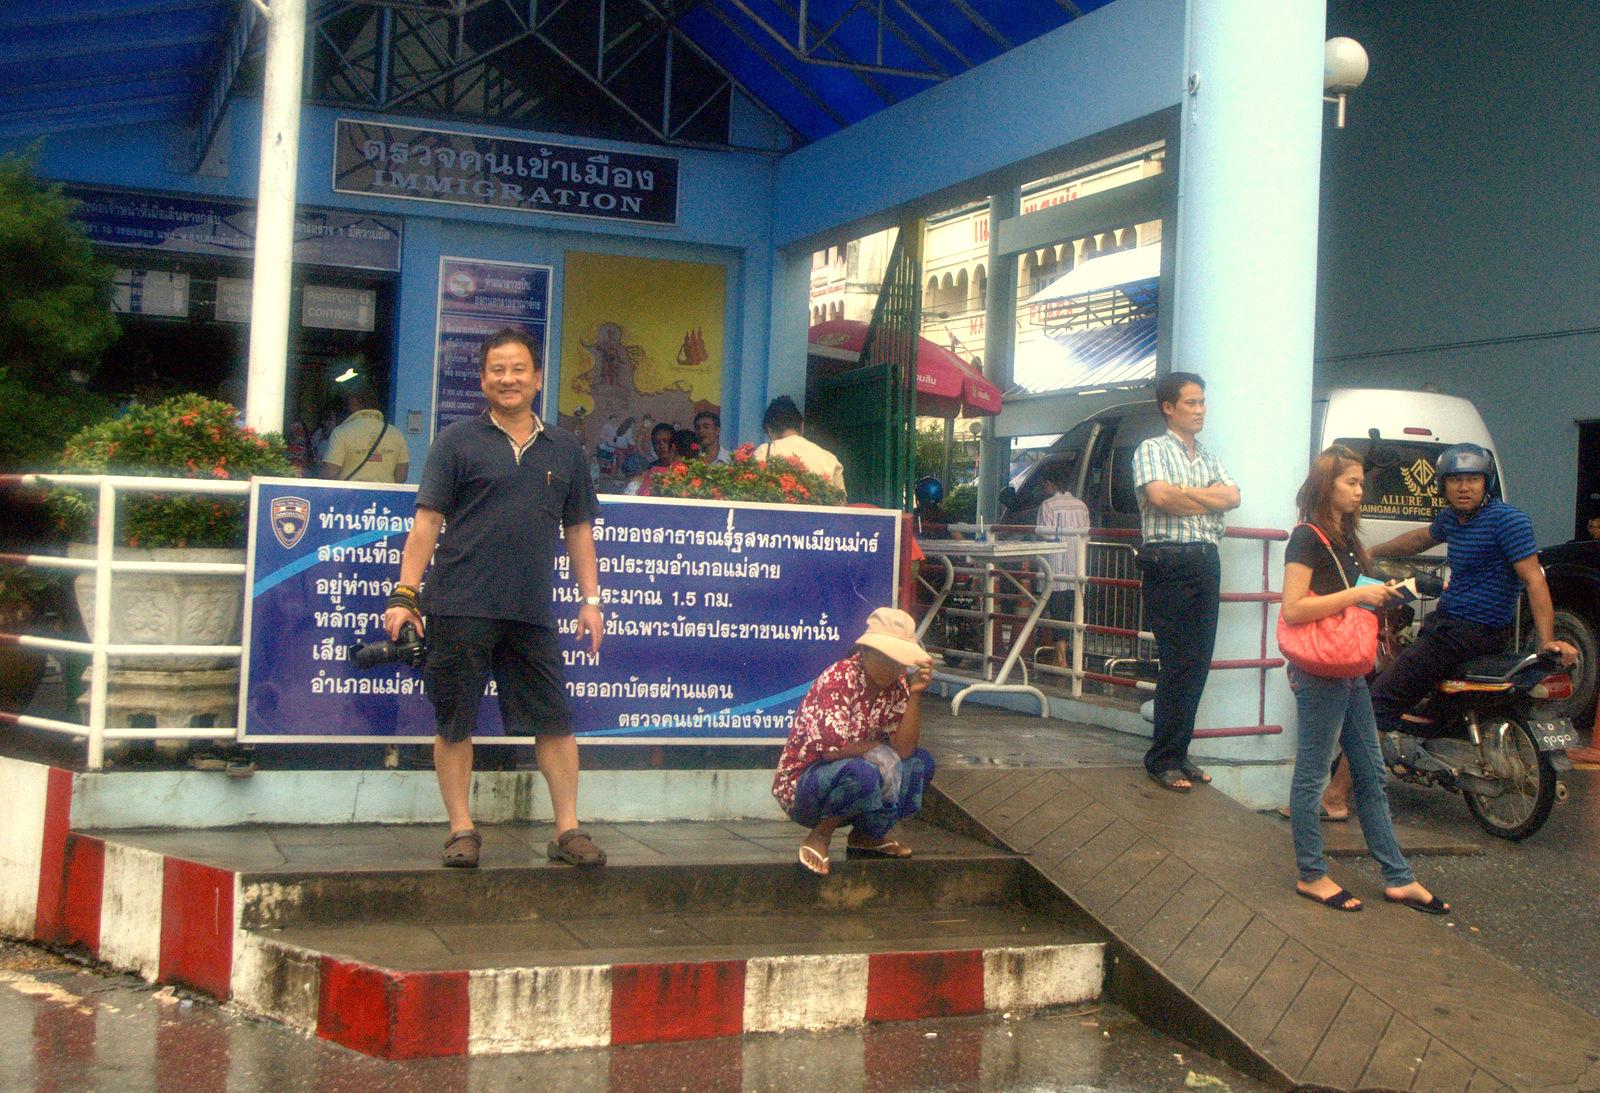 Zaliczyć Birmę, spróbować kasztanów i uciec przed powodzią 136